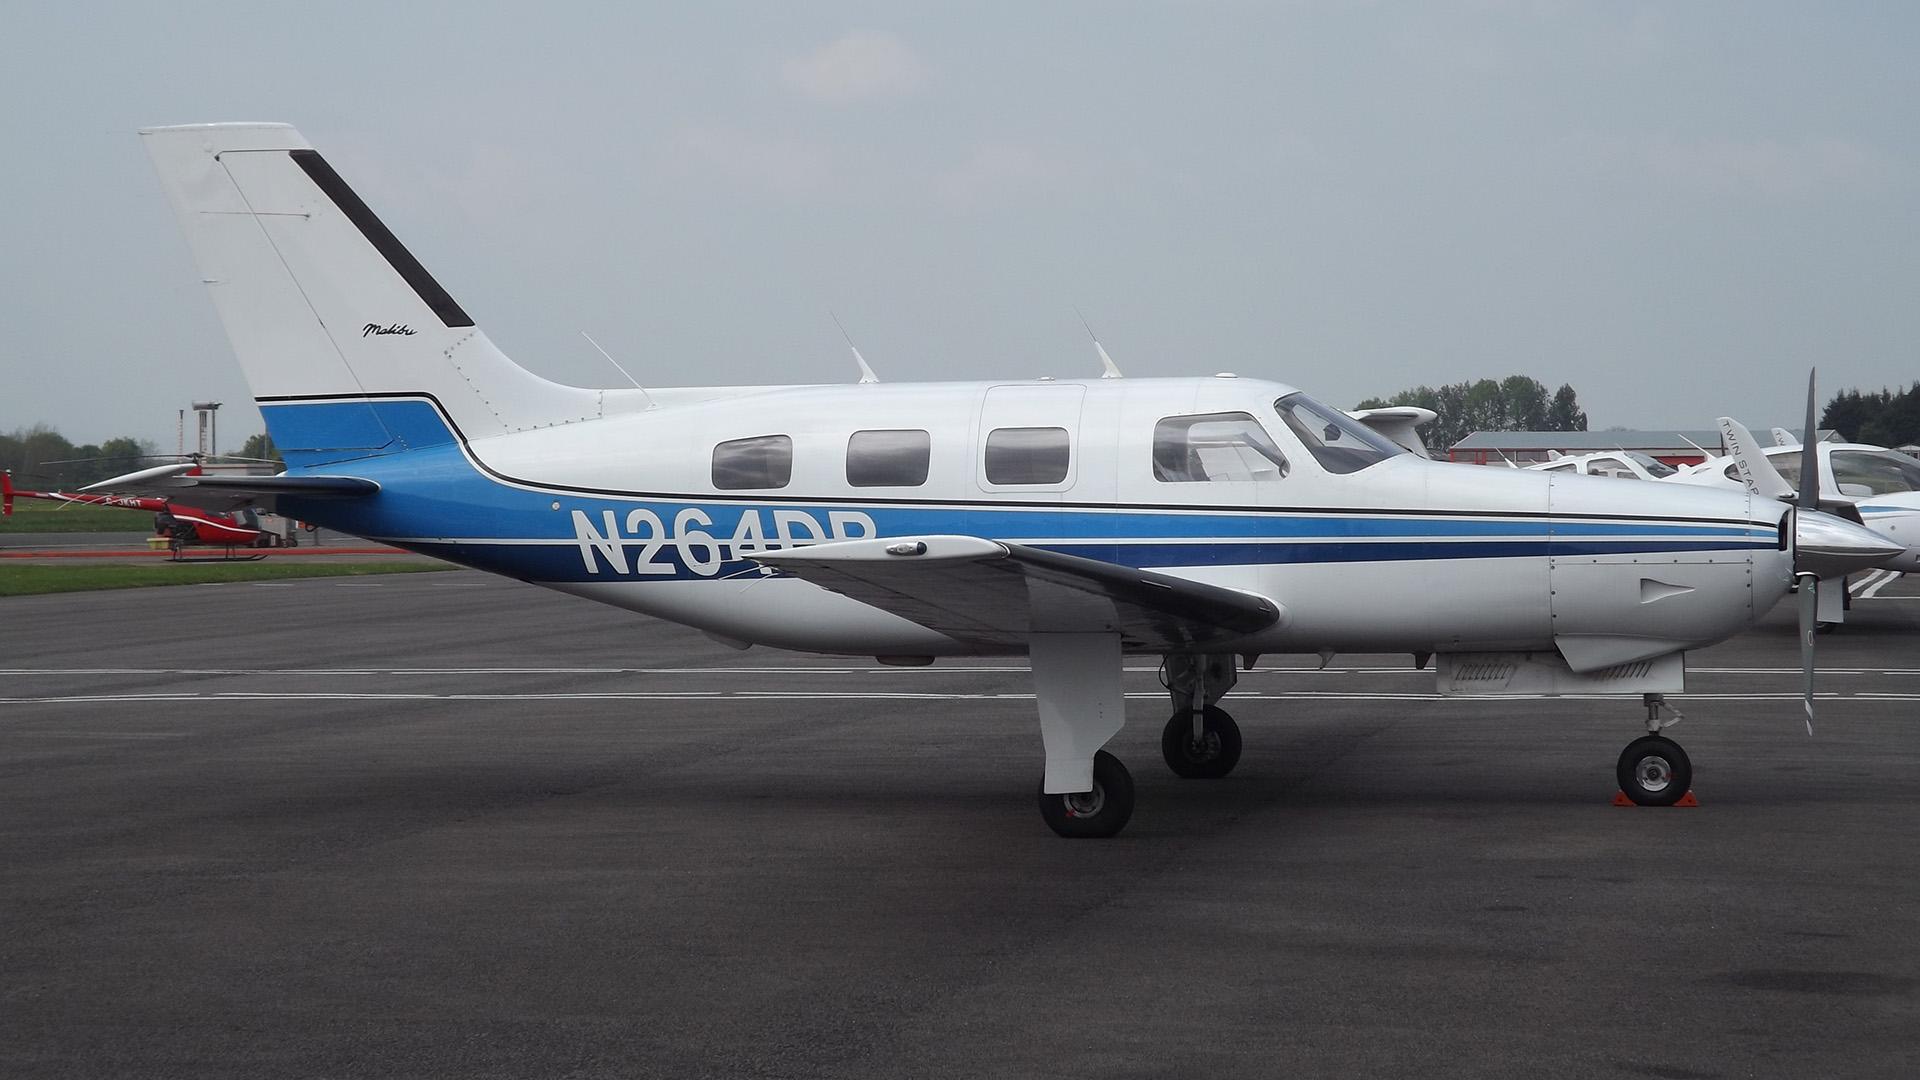 El avión monomotor en el que viajaba Emiliano Sala (Foto: James from Cheltenham)